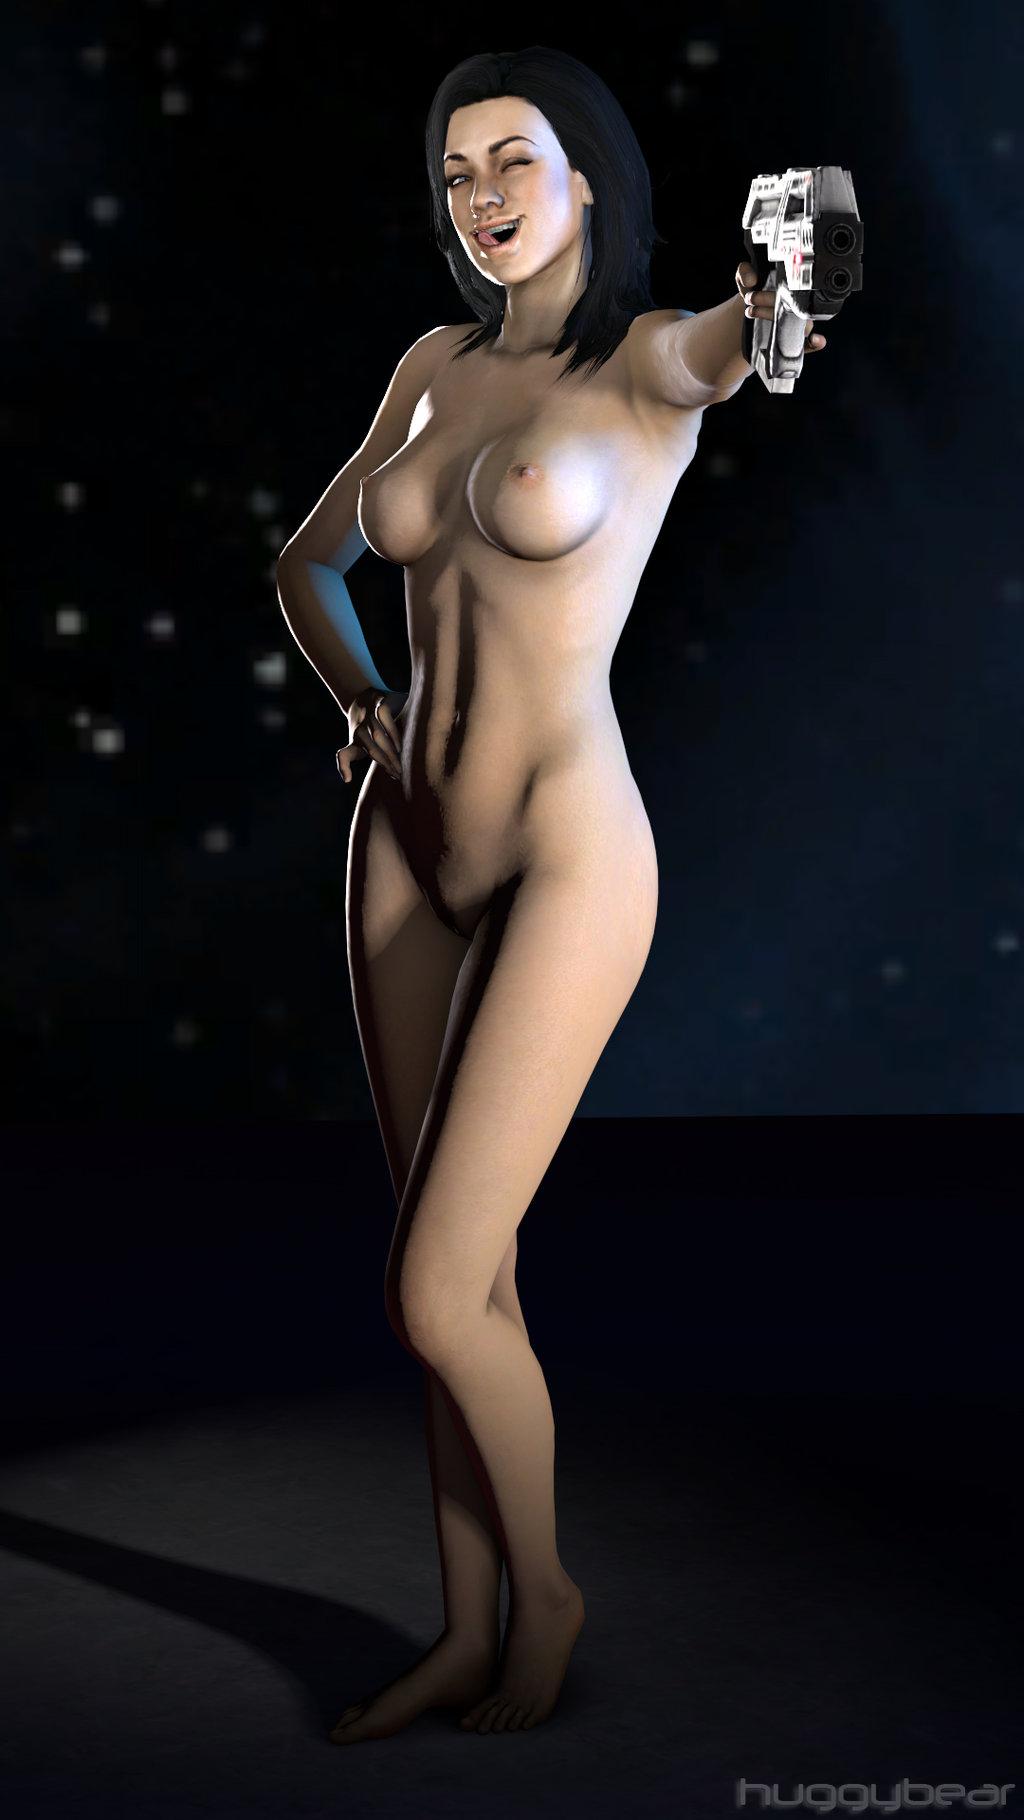 Член картинки голых героинь из компьютерных игр сексе форум видео